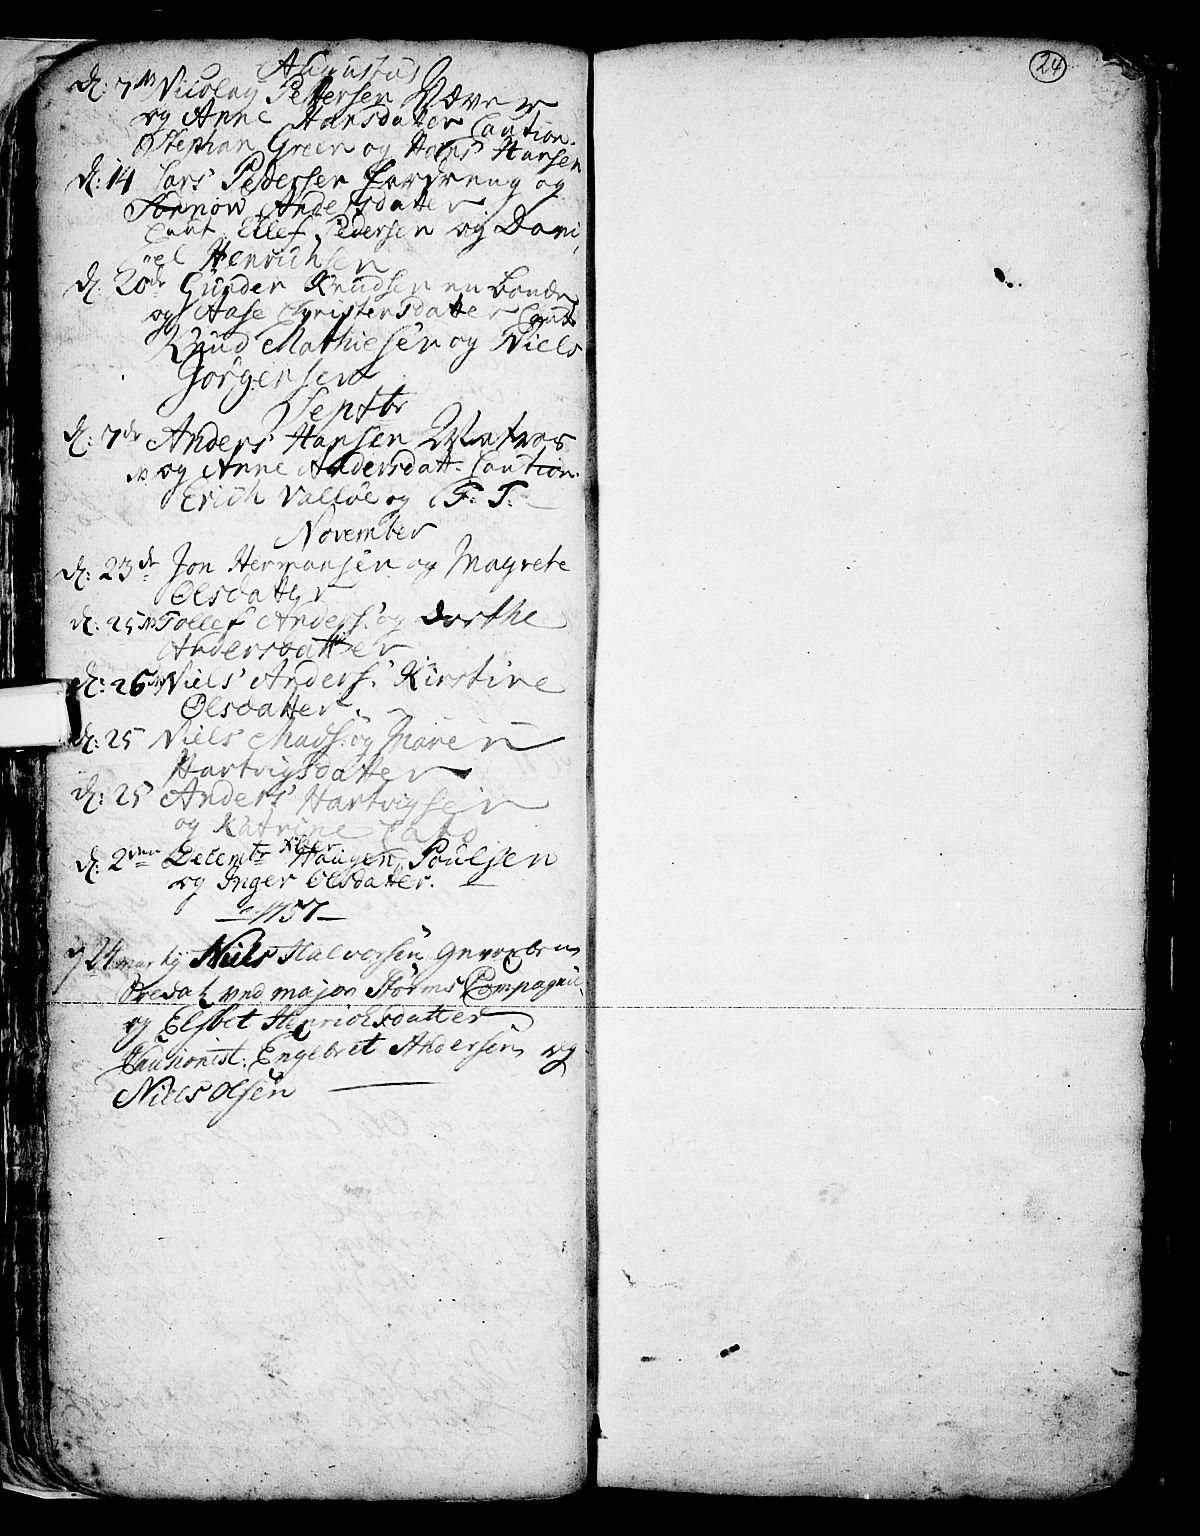 SAKO, Skien kirkebøker, F/Fa/L0002: Ministerialbok nr. 2, 1716-1757, s. 24